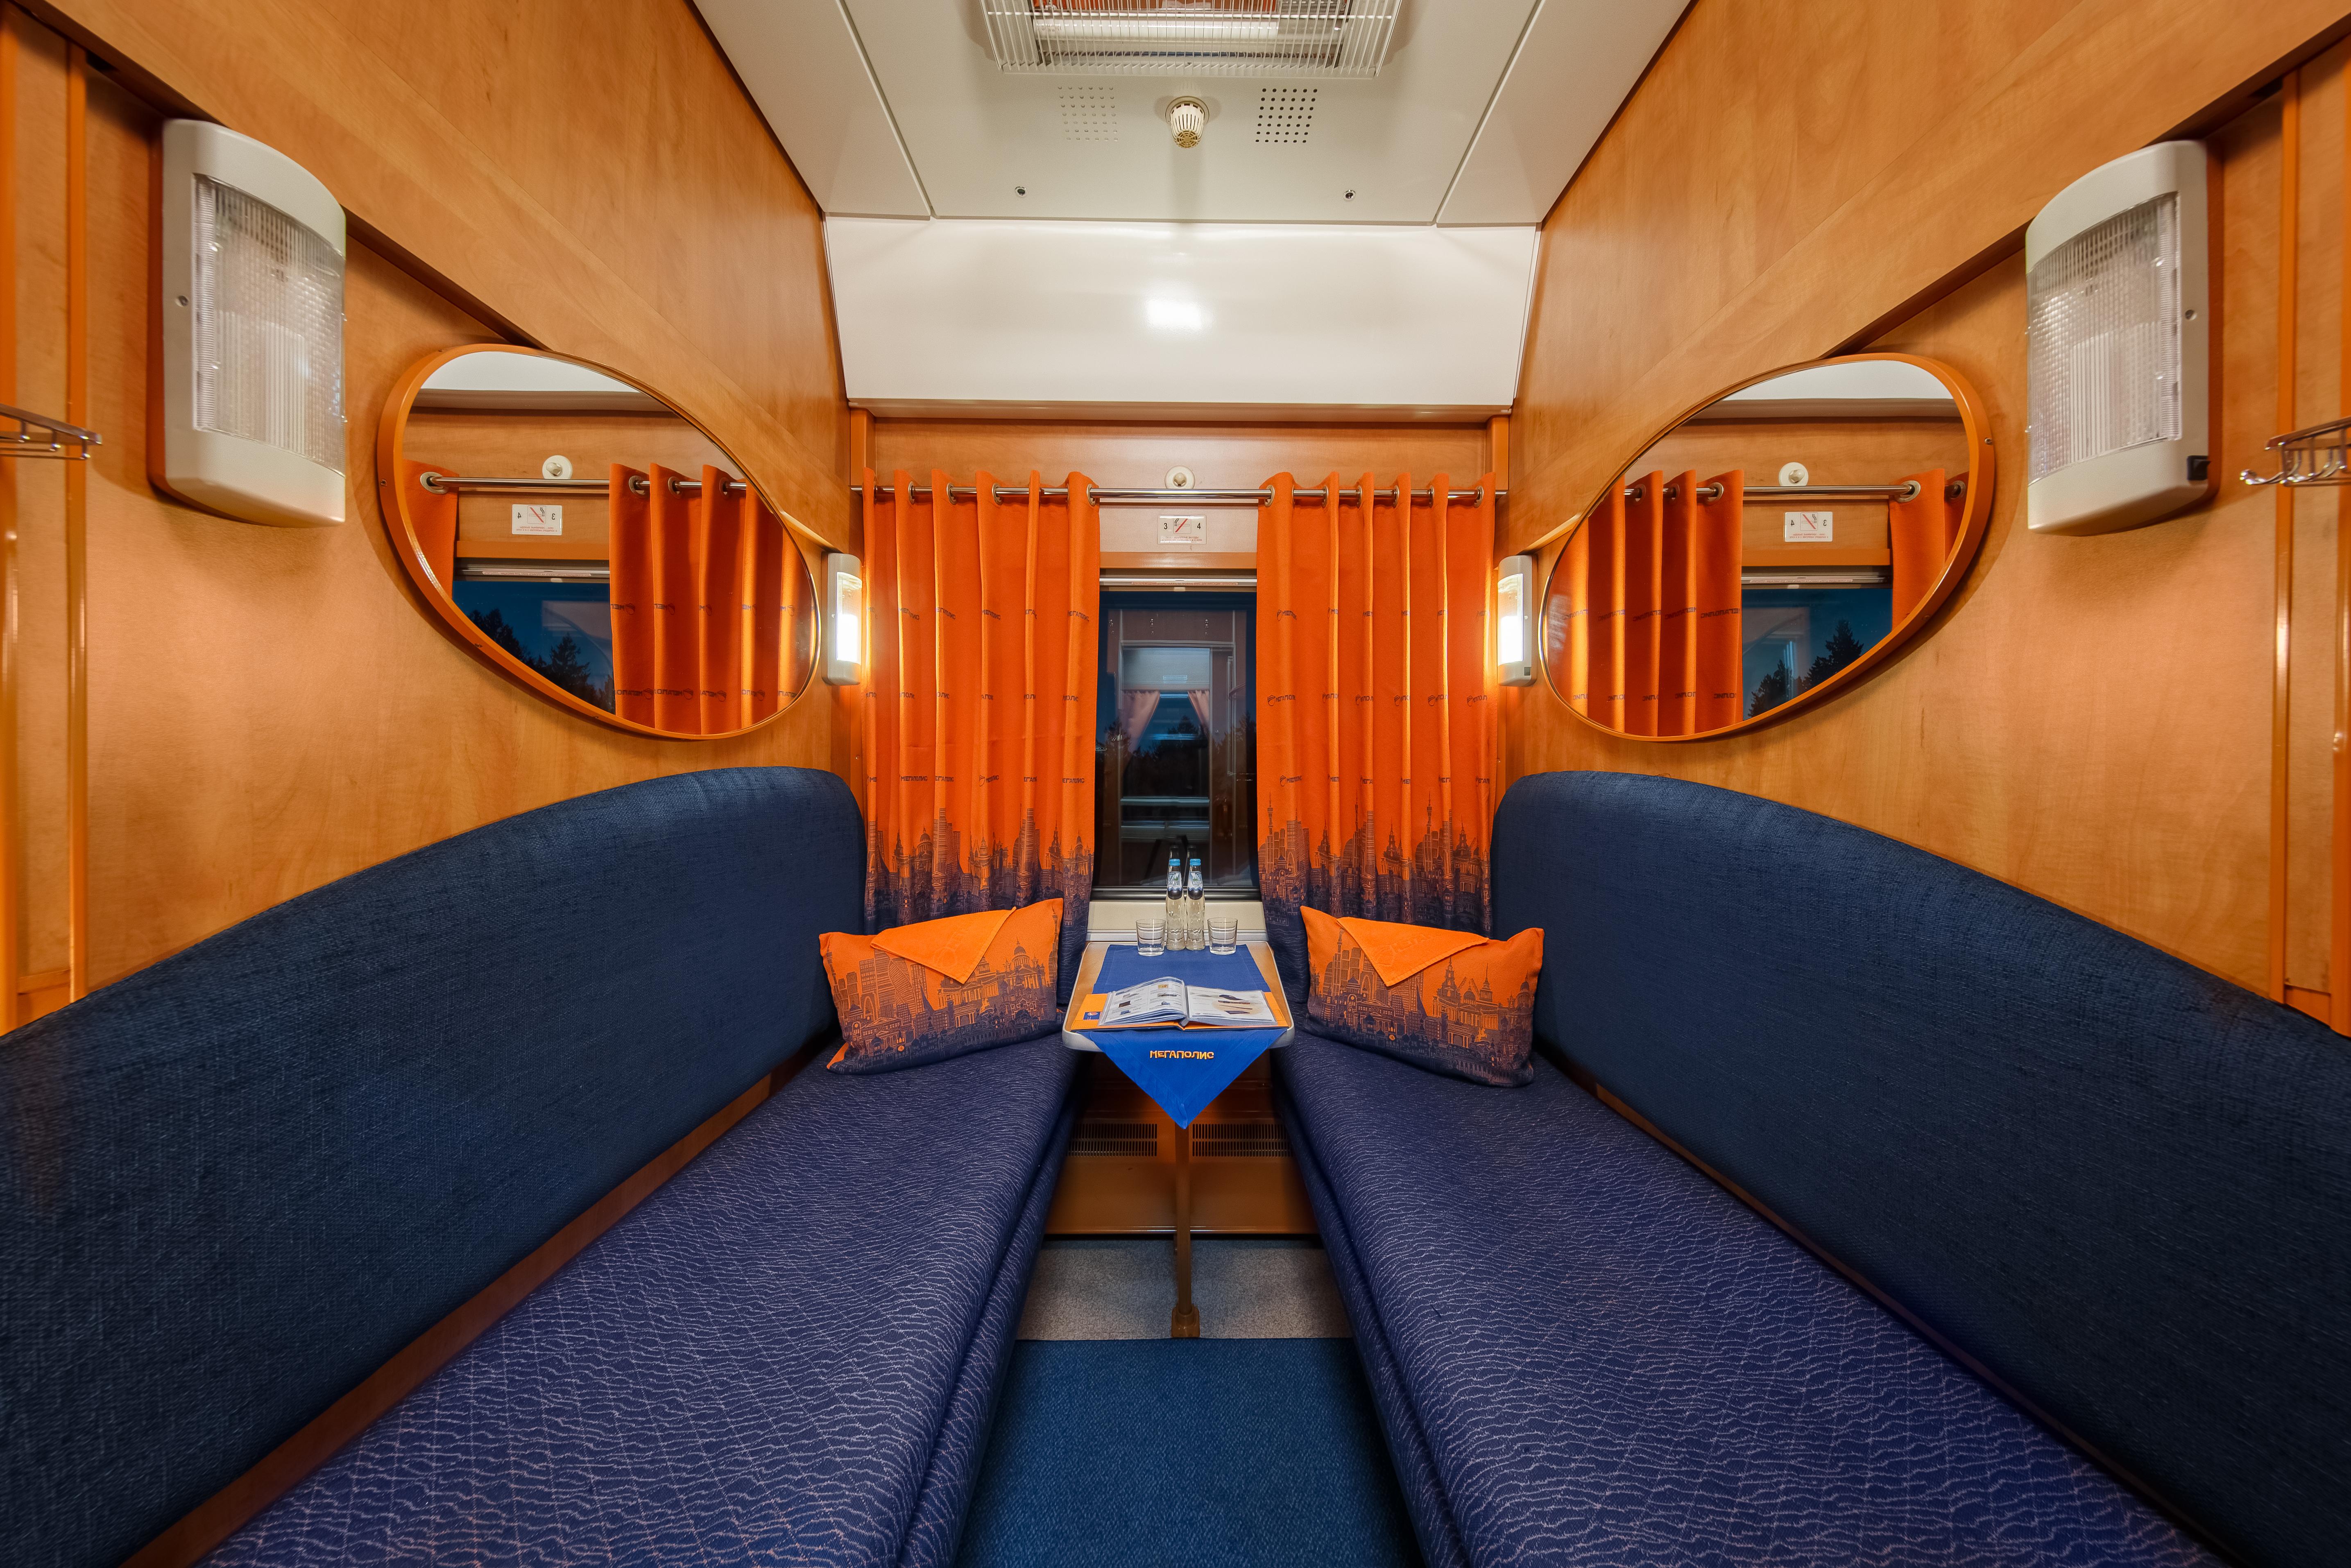 Спальный вагон св: что это, описание, услуги, фотографии и последние отзывы